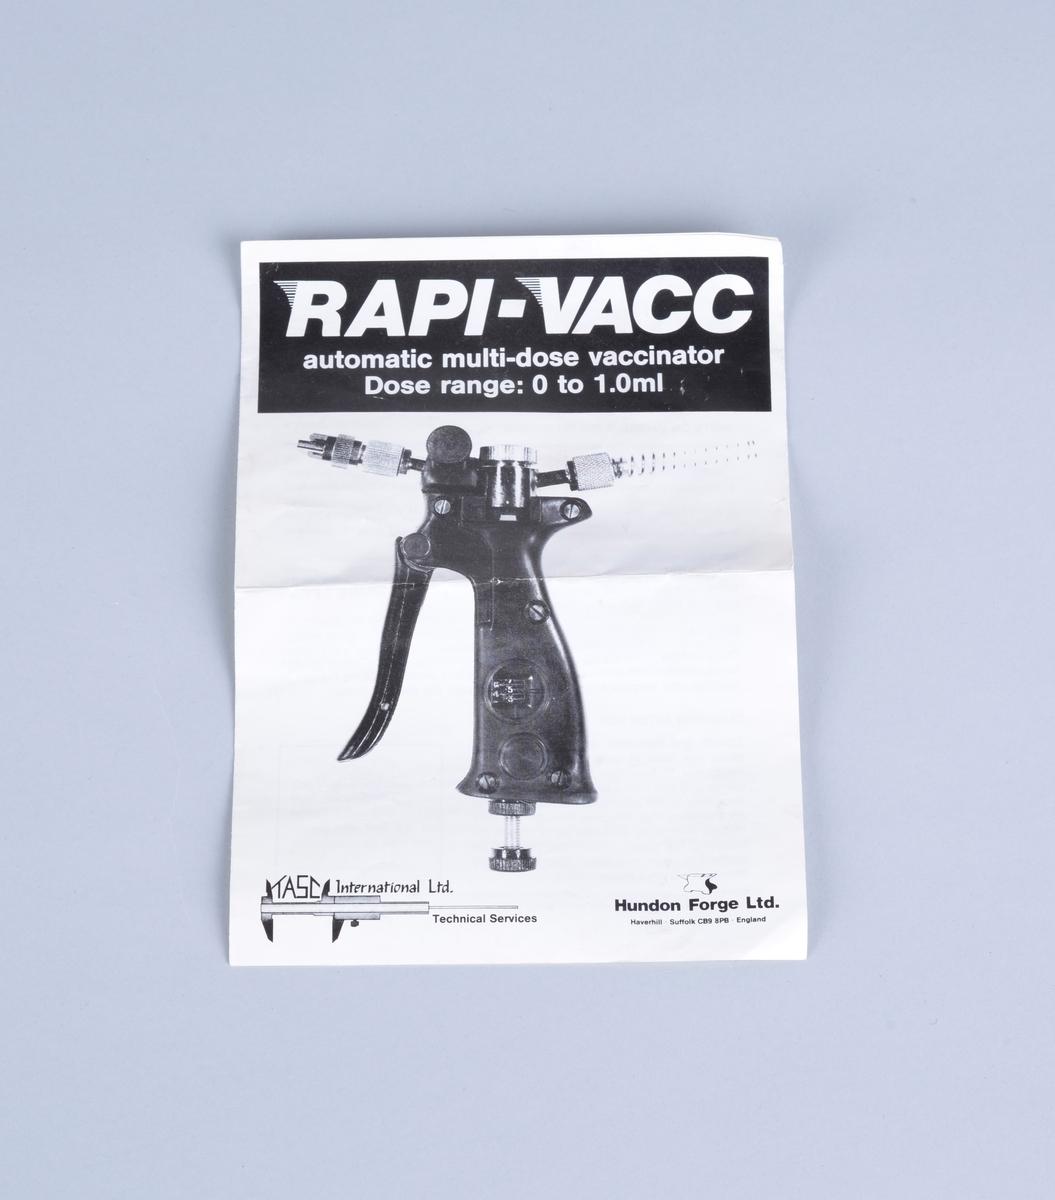 Vaksinepistol av merket Rapi-Vacc. Automatisk multi-dose vaksinator.  Hver dose er fra 0 - 1,0 ml Med pistolen følger en tynn hvit gummislange med injeksjonsnål (?), Ventilasjonsrør (?) samt det som trolig er ulike reservedeler.   Vedlagt brosjyre fra leverandøren og brev fra Proffesor Tore Håstein